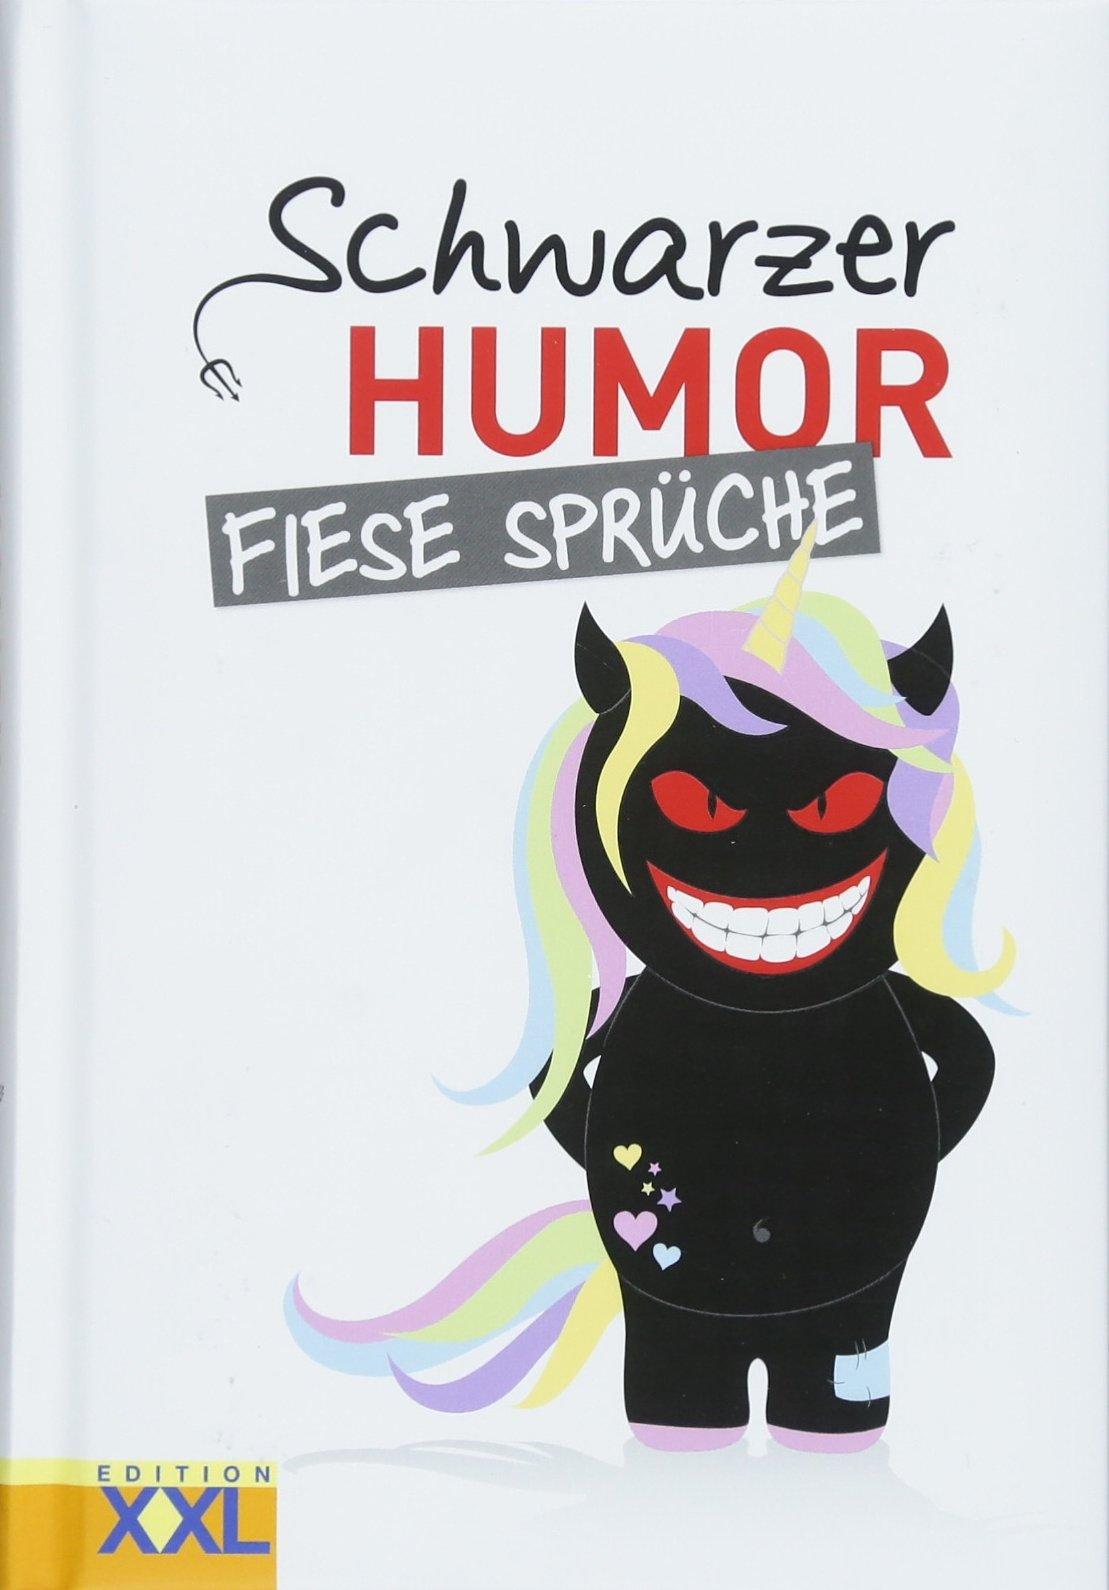 fiese sprüche Schwarzer Humor Fiese Sprüche: 9783897369405: Amazon.com: Books fiese sprüche